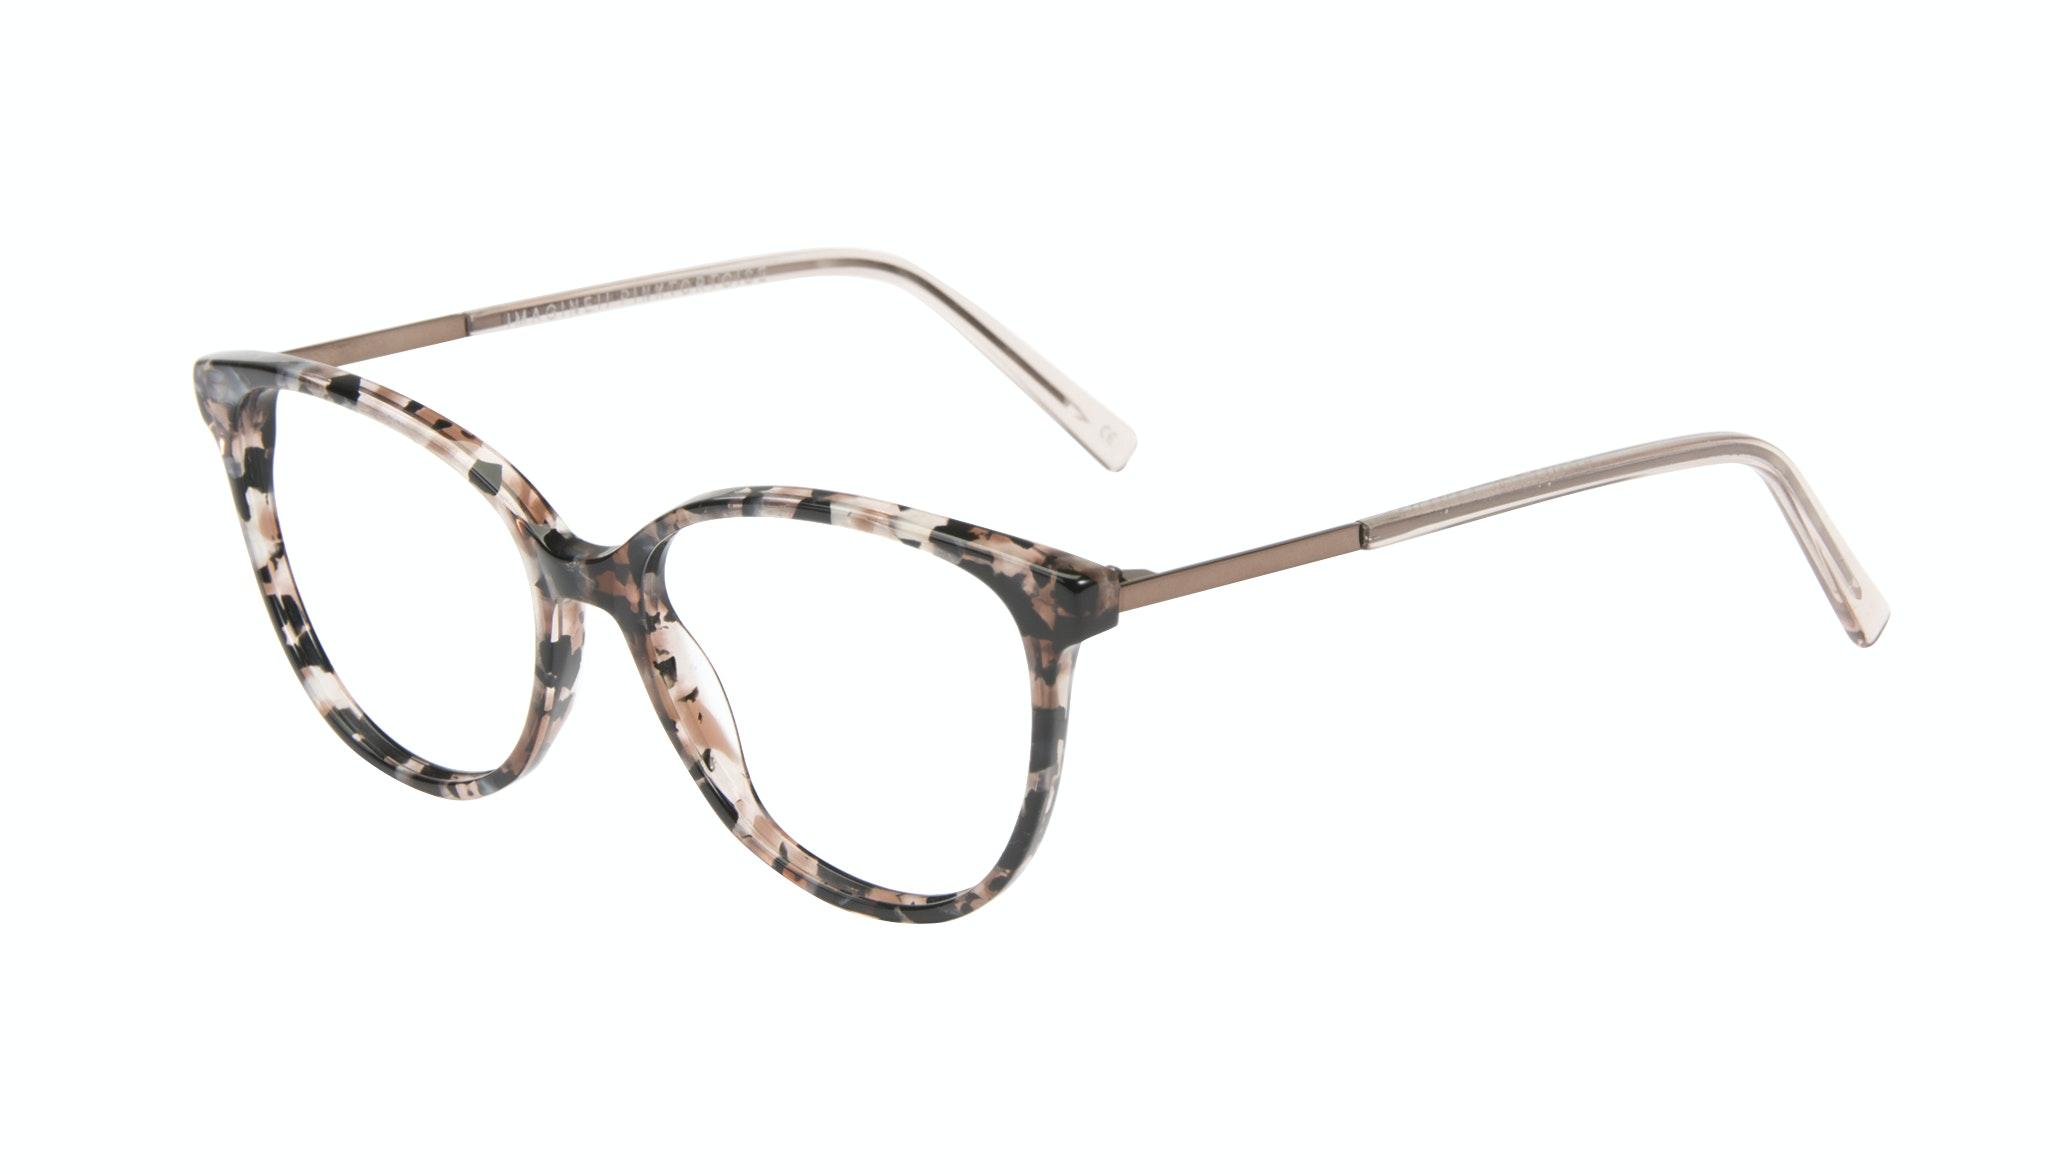 Affordable Fashion Glasses Cat Eye Eyeglasses Women Imagine II Pink Tortoise Tilt